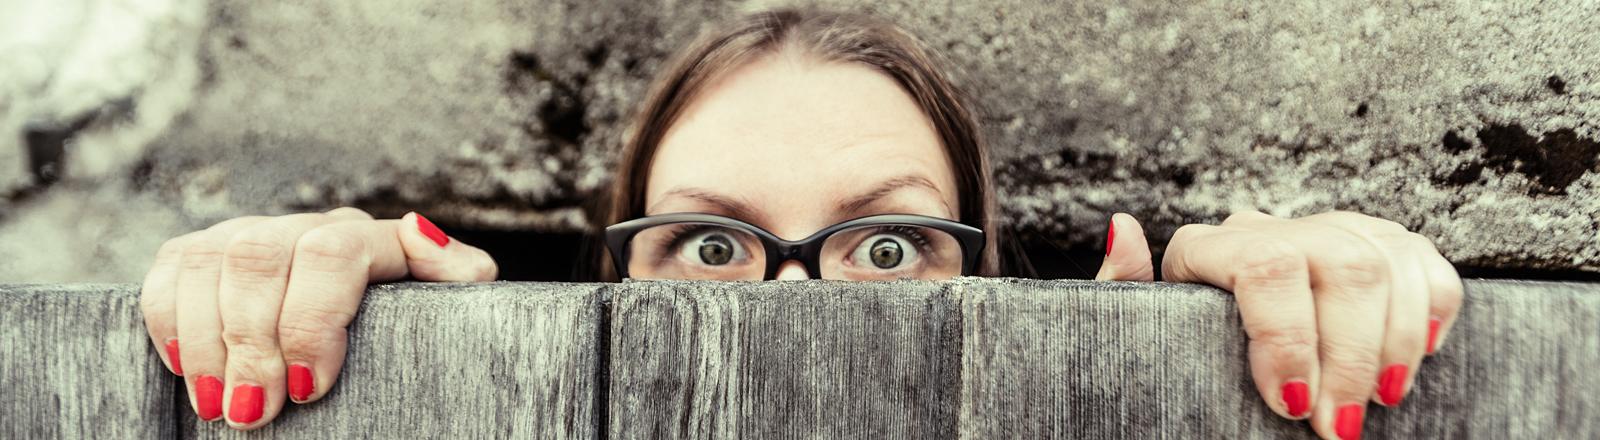 Frau guckt über eine Mauer.